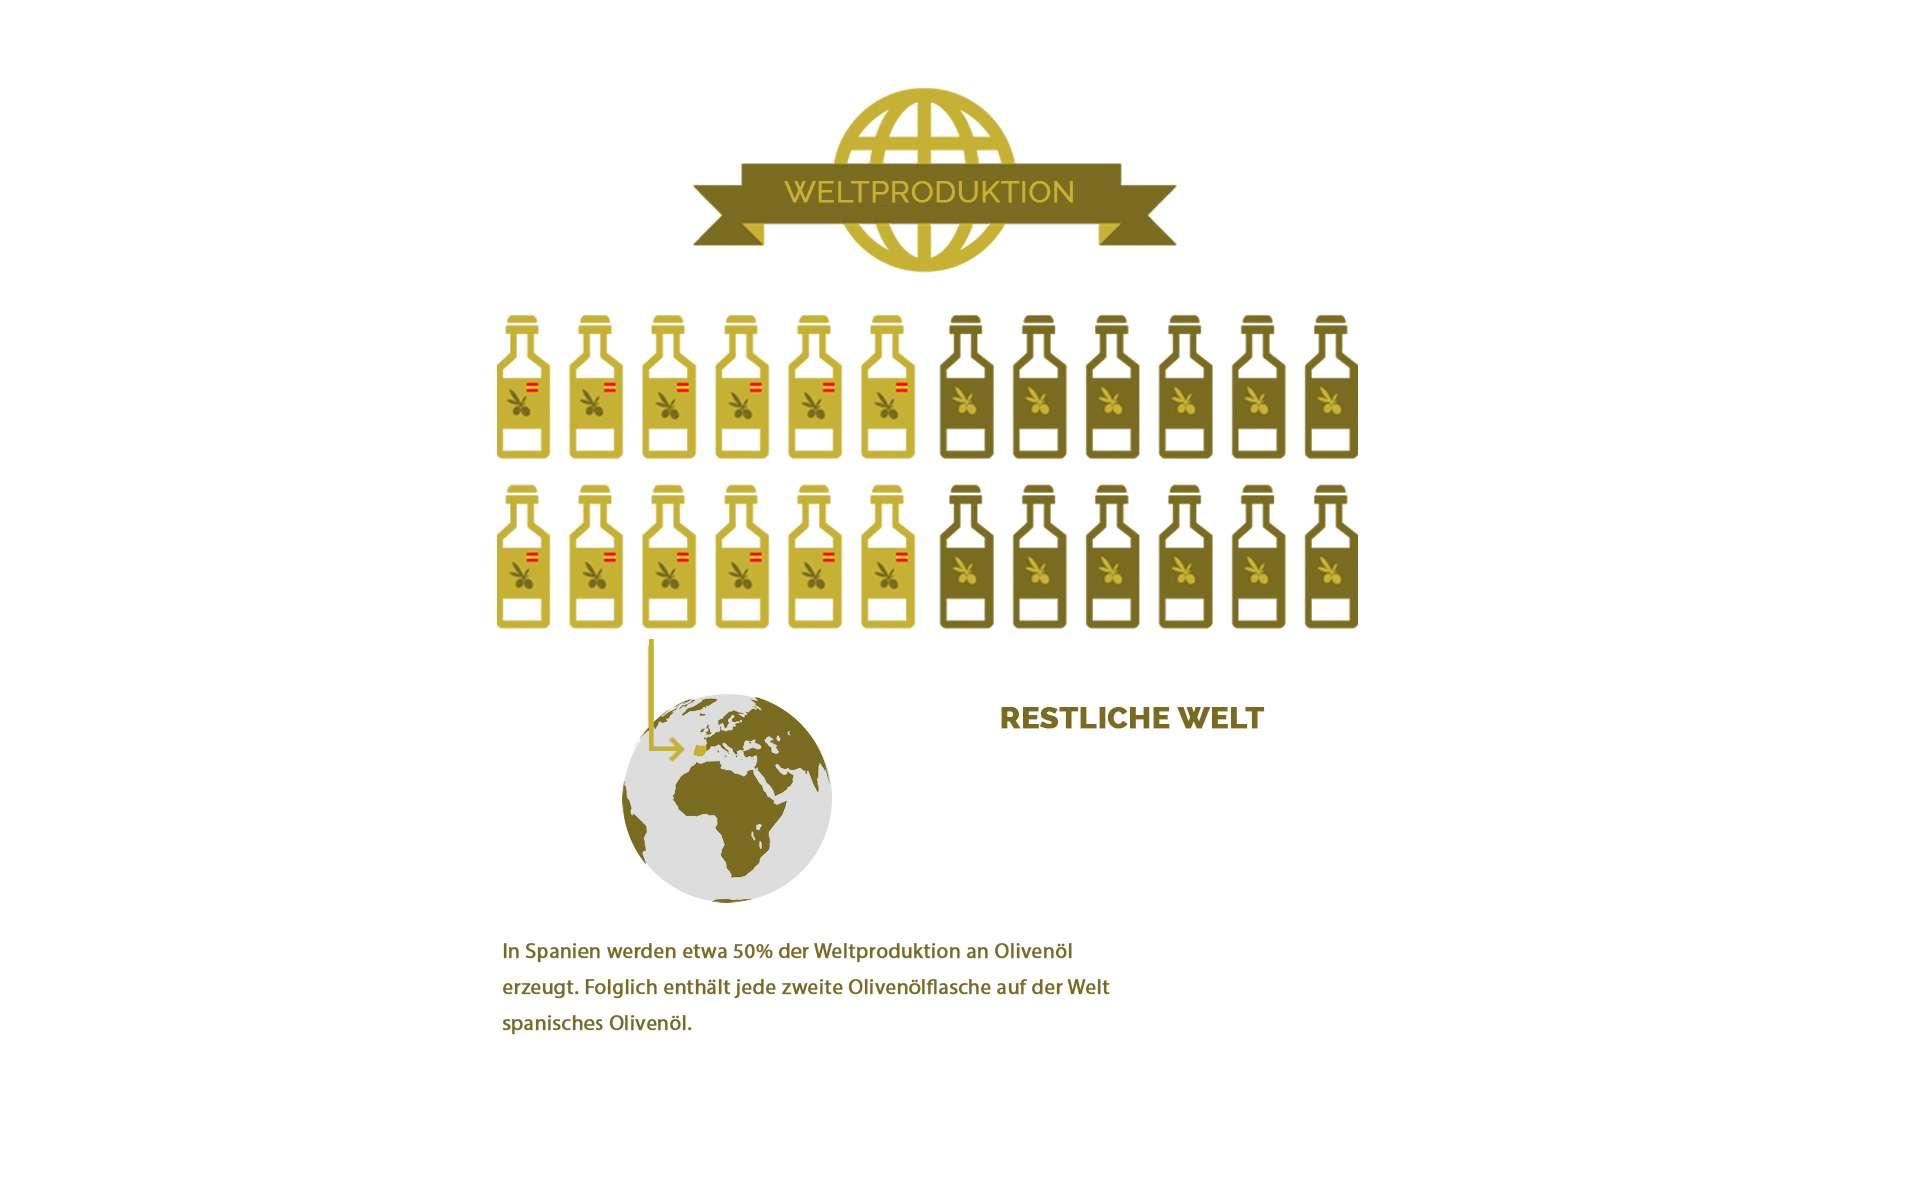 Spanische Olivenöl Weltproduktion